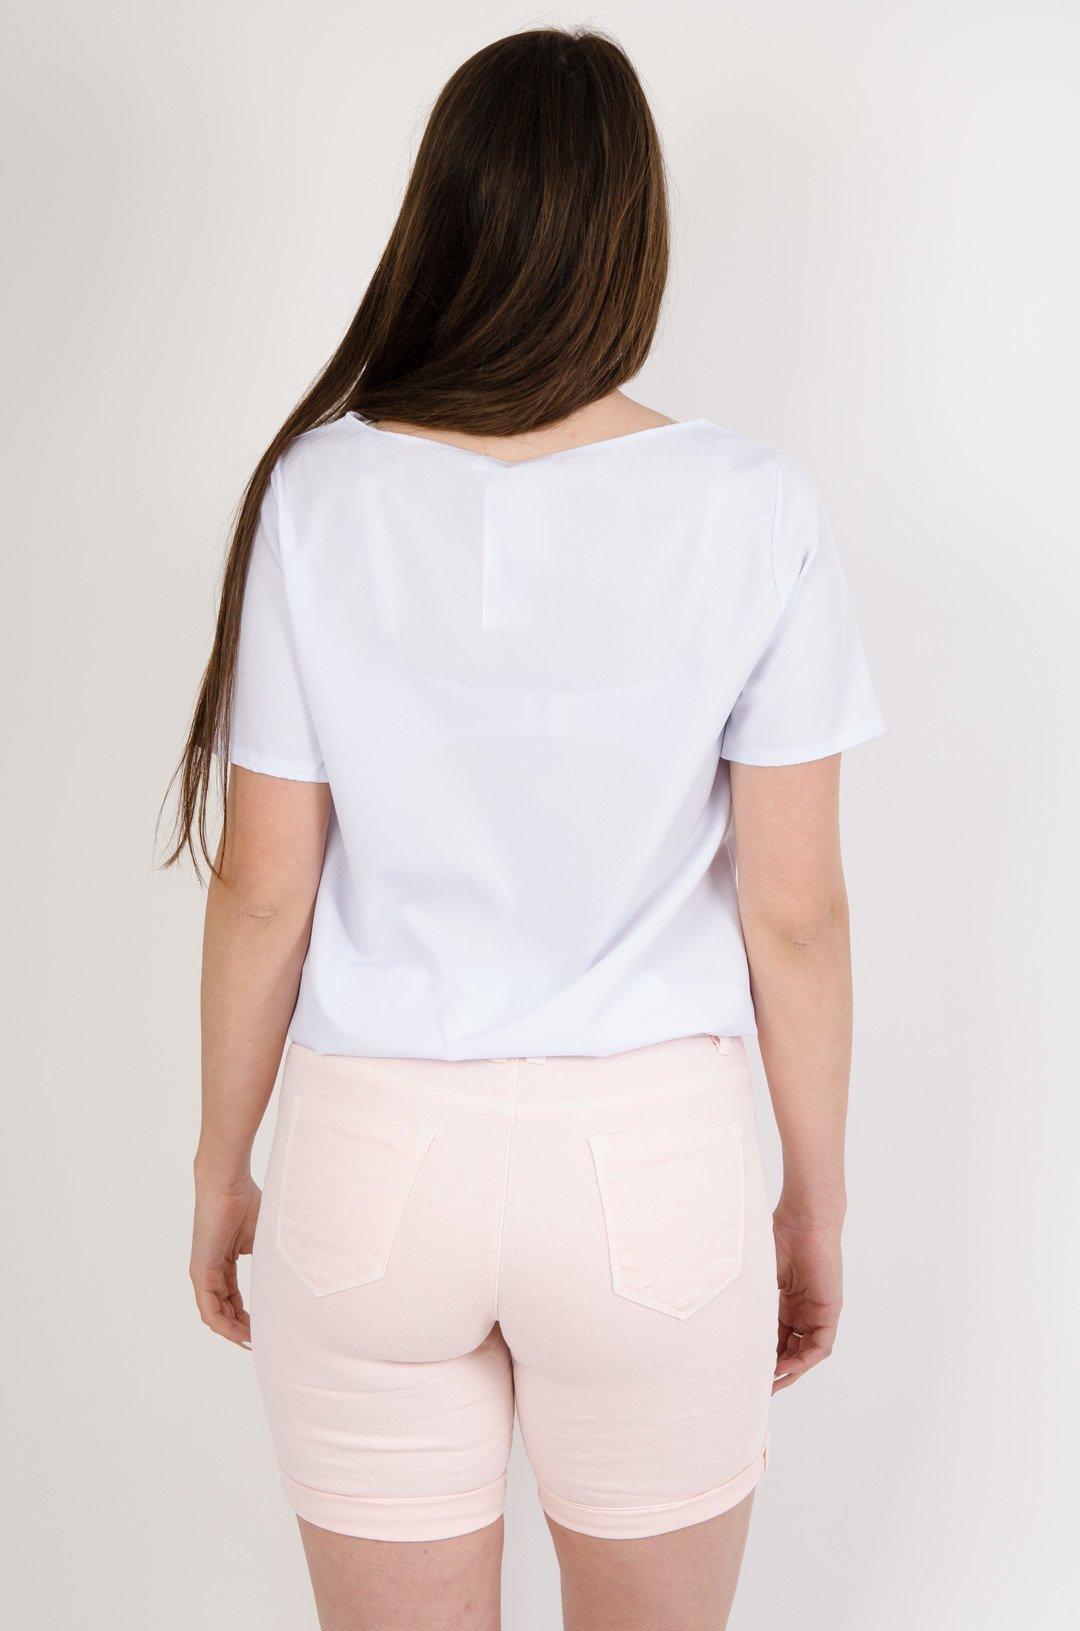 cb5219eaf741d4 Biała bluzka z zakładką oraz gumką na dole biały   NOWOŚCI KOLEKCJA ...